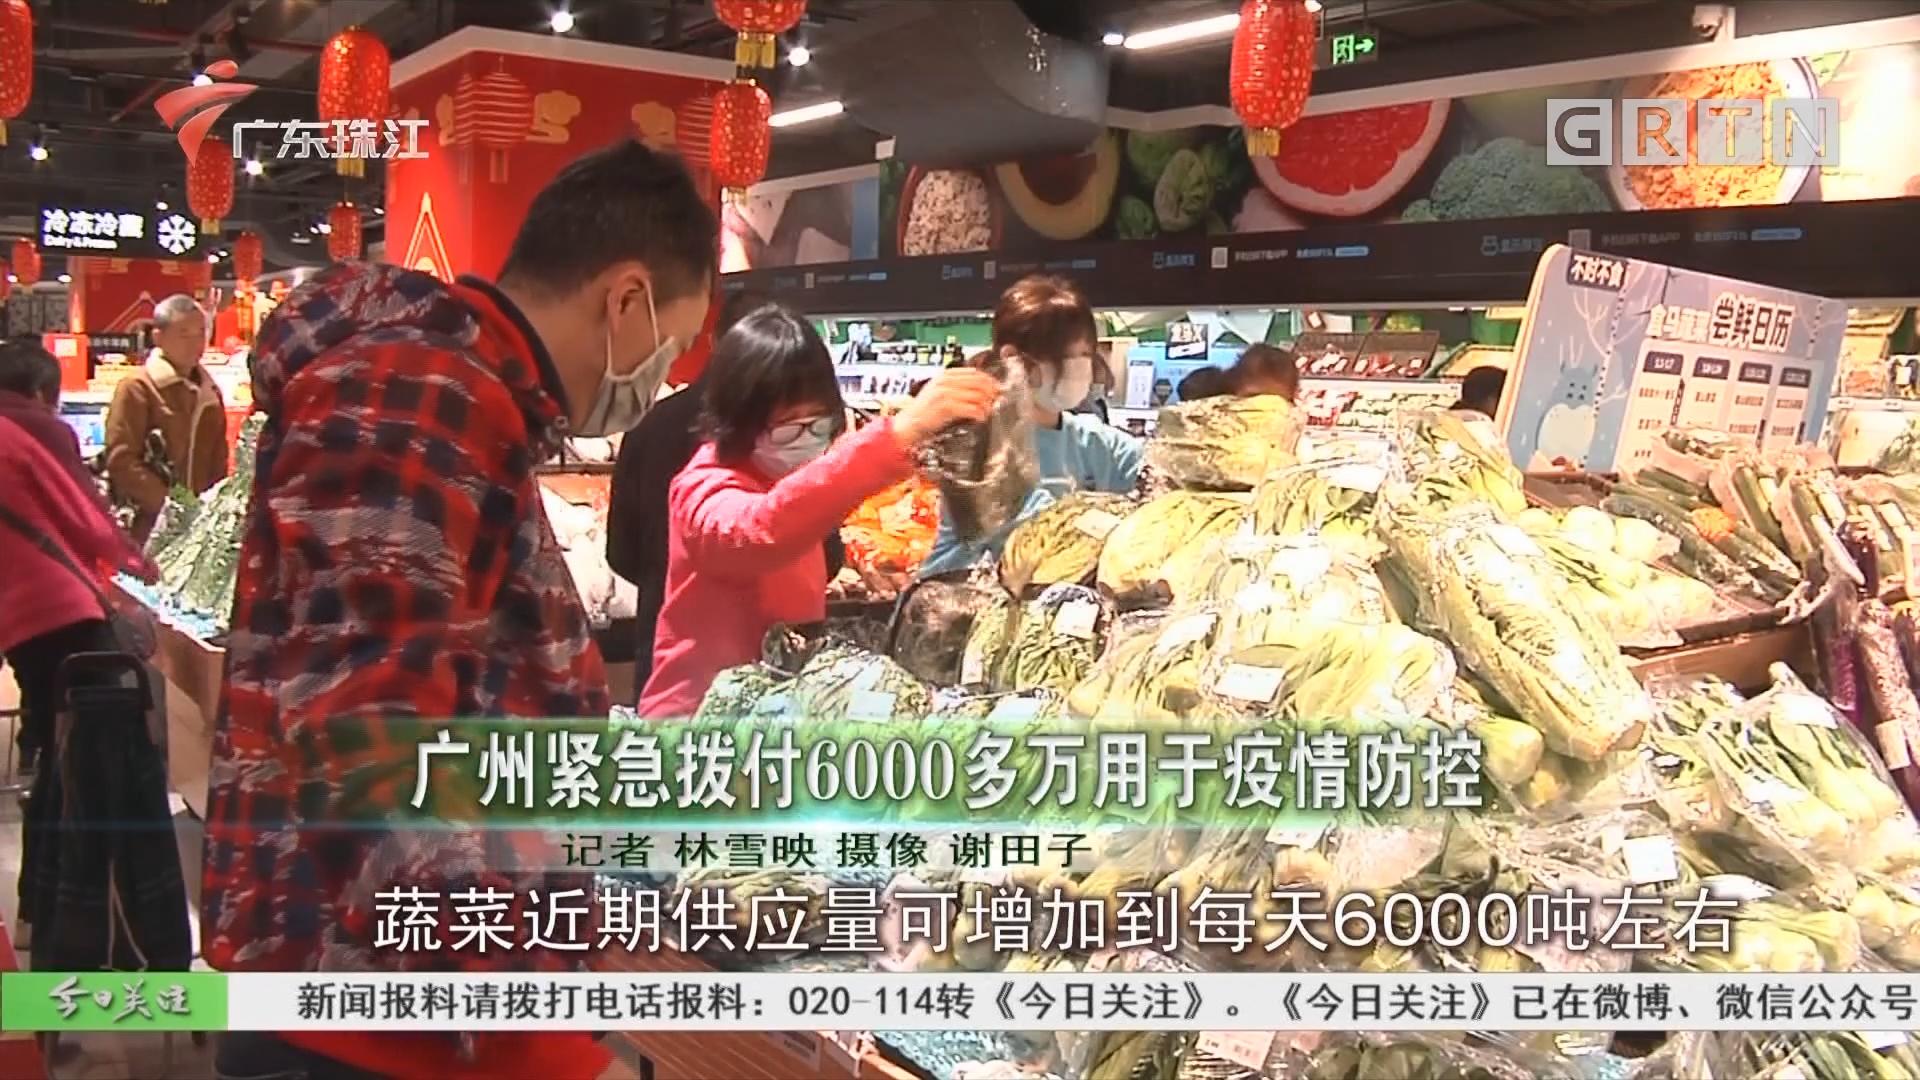 广州紧急拨付6000多万用于疫情防控